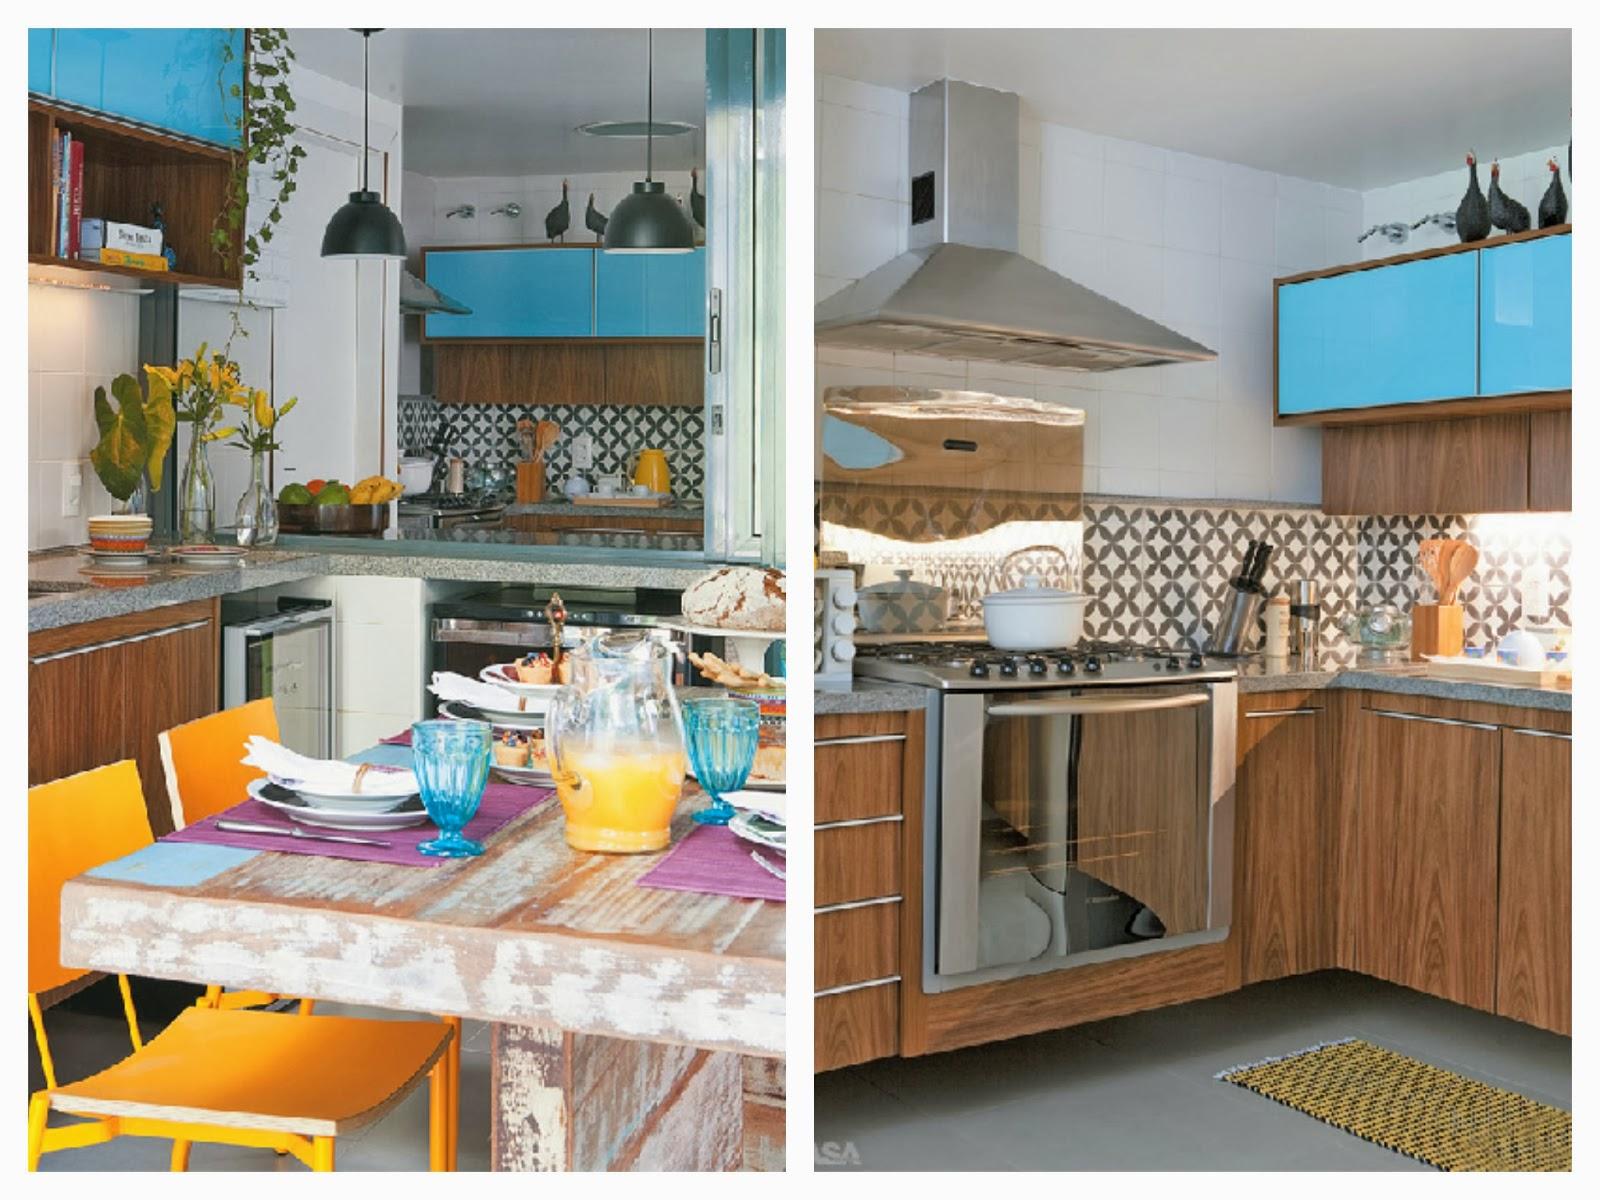 #B36C18 decoracao de cozinha azul e amarelo: cozinha e como os armário foram  1600x1200 px Casas Bahia Armario De Cozinha De Parede Completo_2943 Imagens